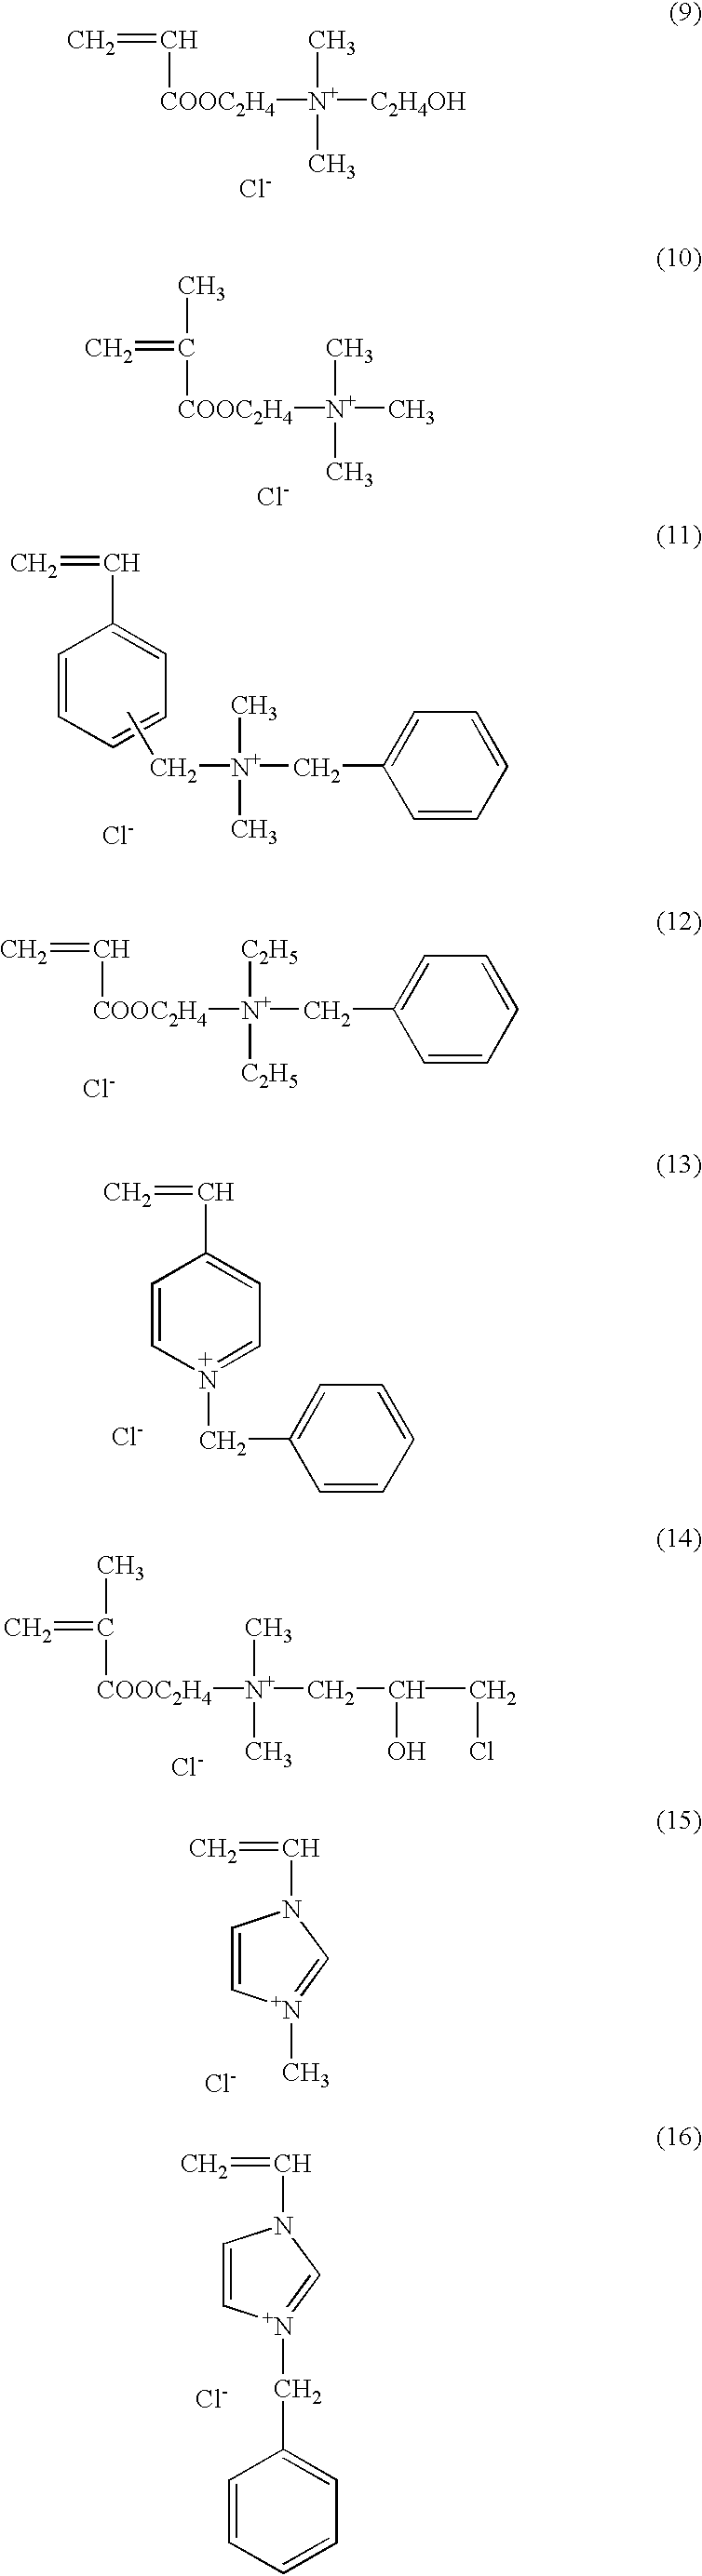 Figure US20030148048A1-20030807-C00002